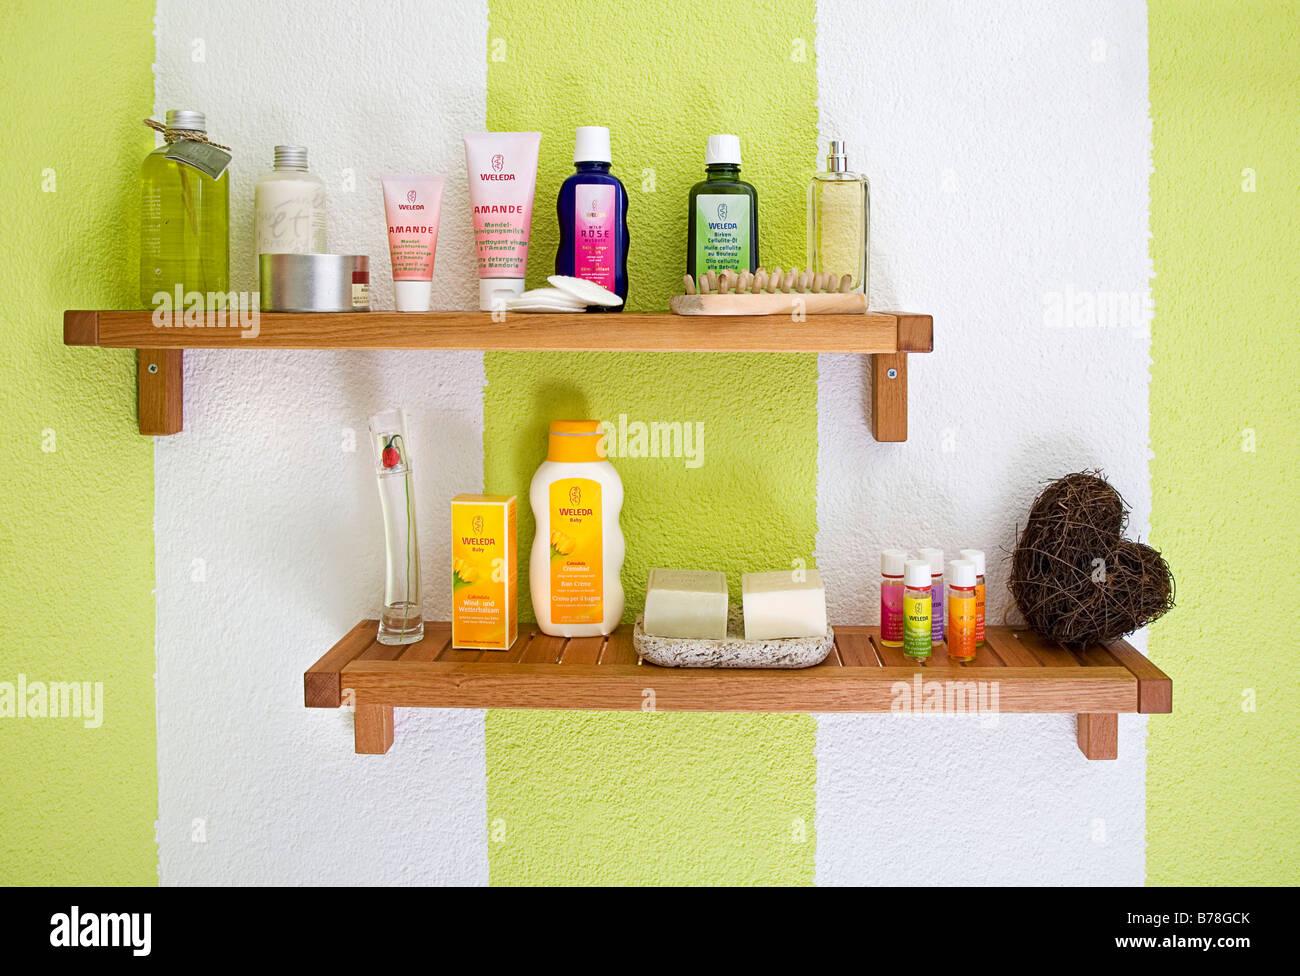 Ripiano in un bagno prodotti per la cura del corpo foto